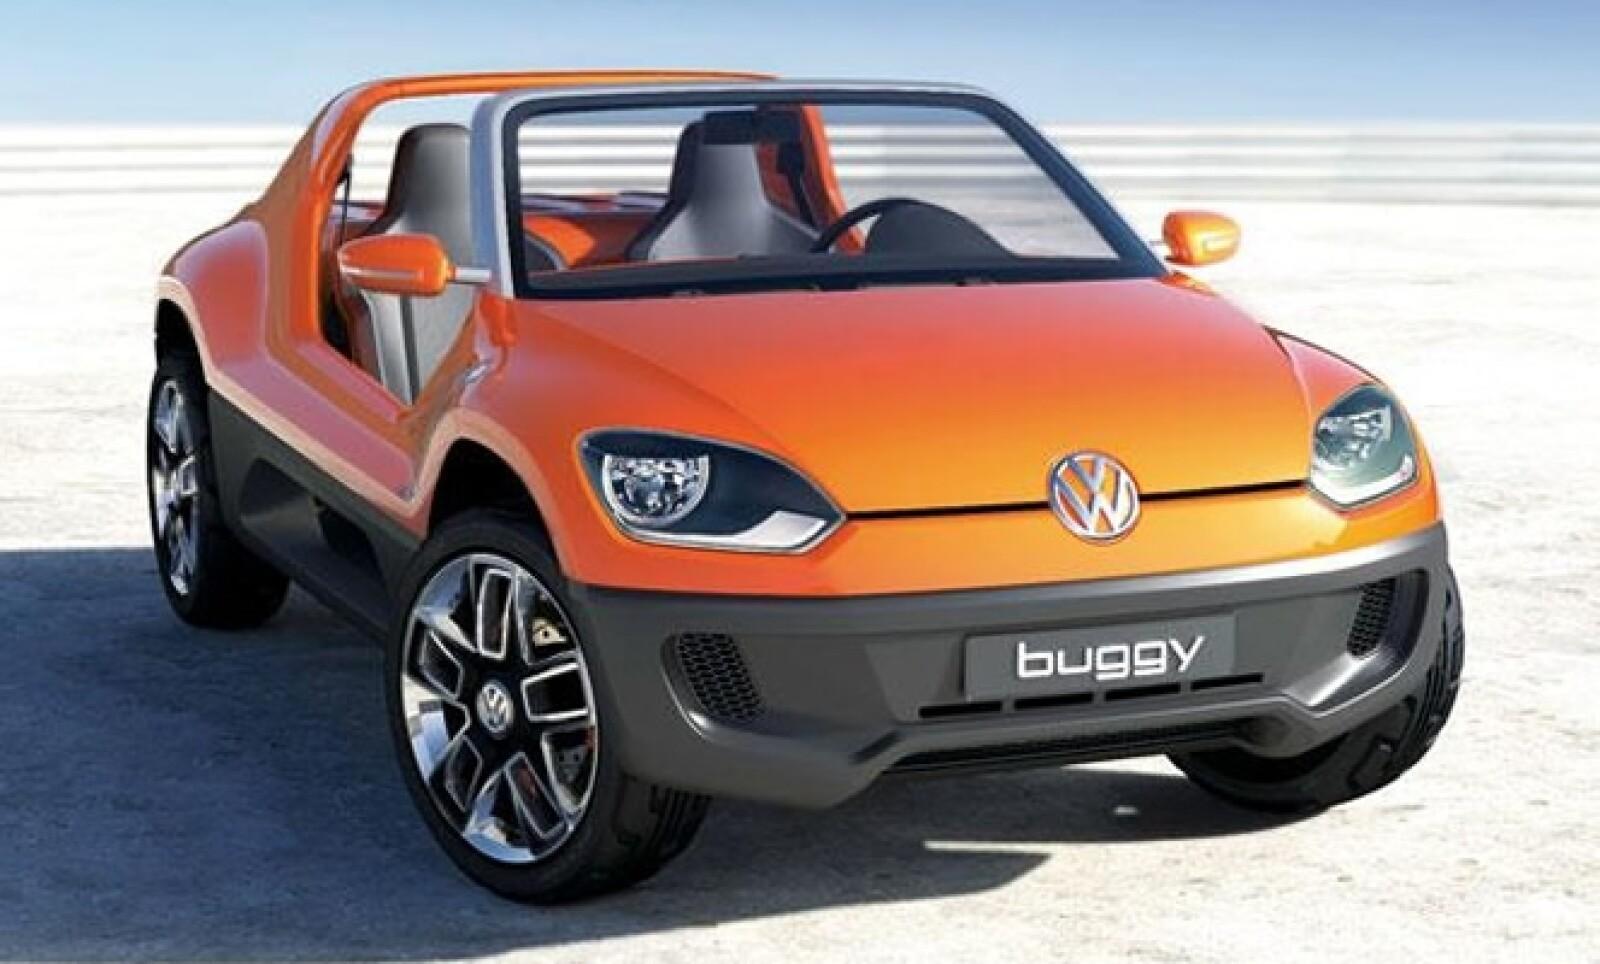 El Volkswagen Buggy Concept, es una de las variantes que surgió del modelo Up!, presentado oficialmente en el AutoShow de Ginebra.